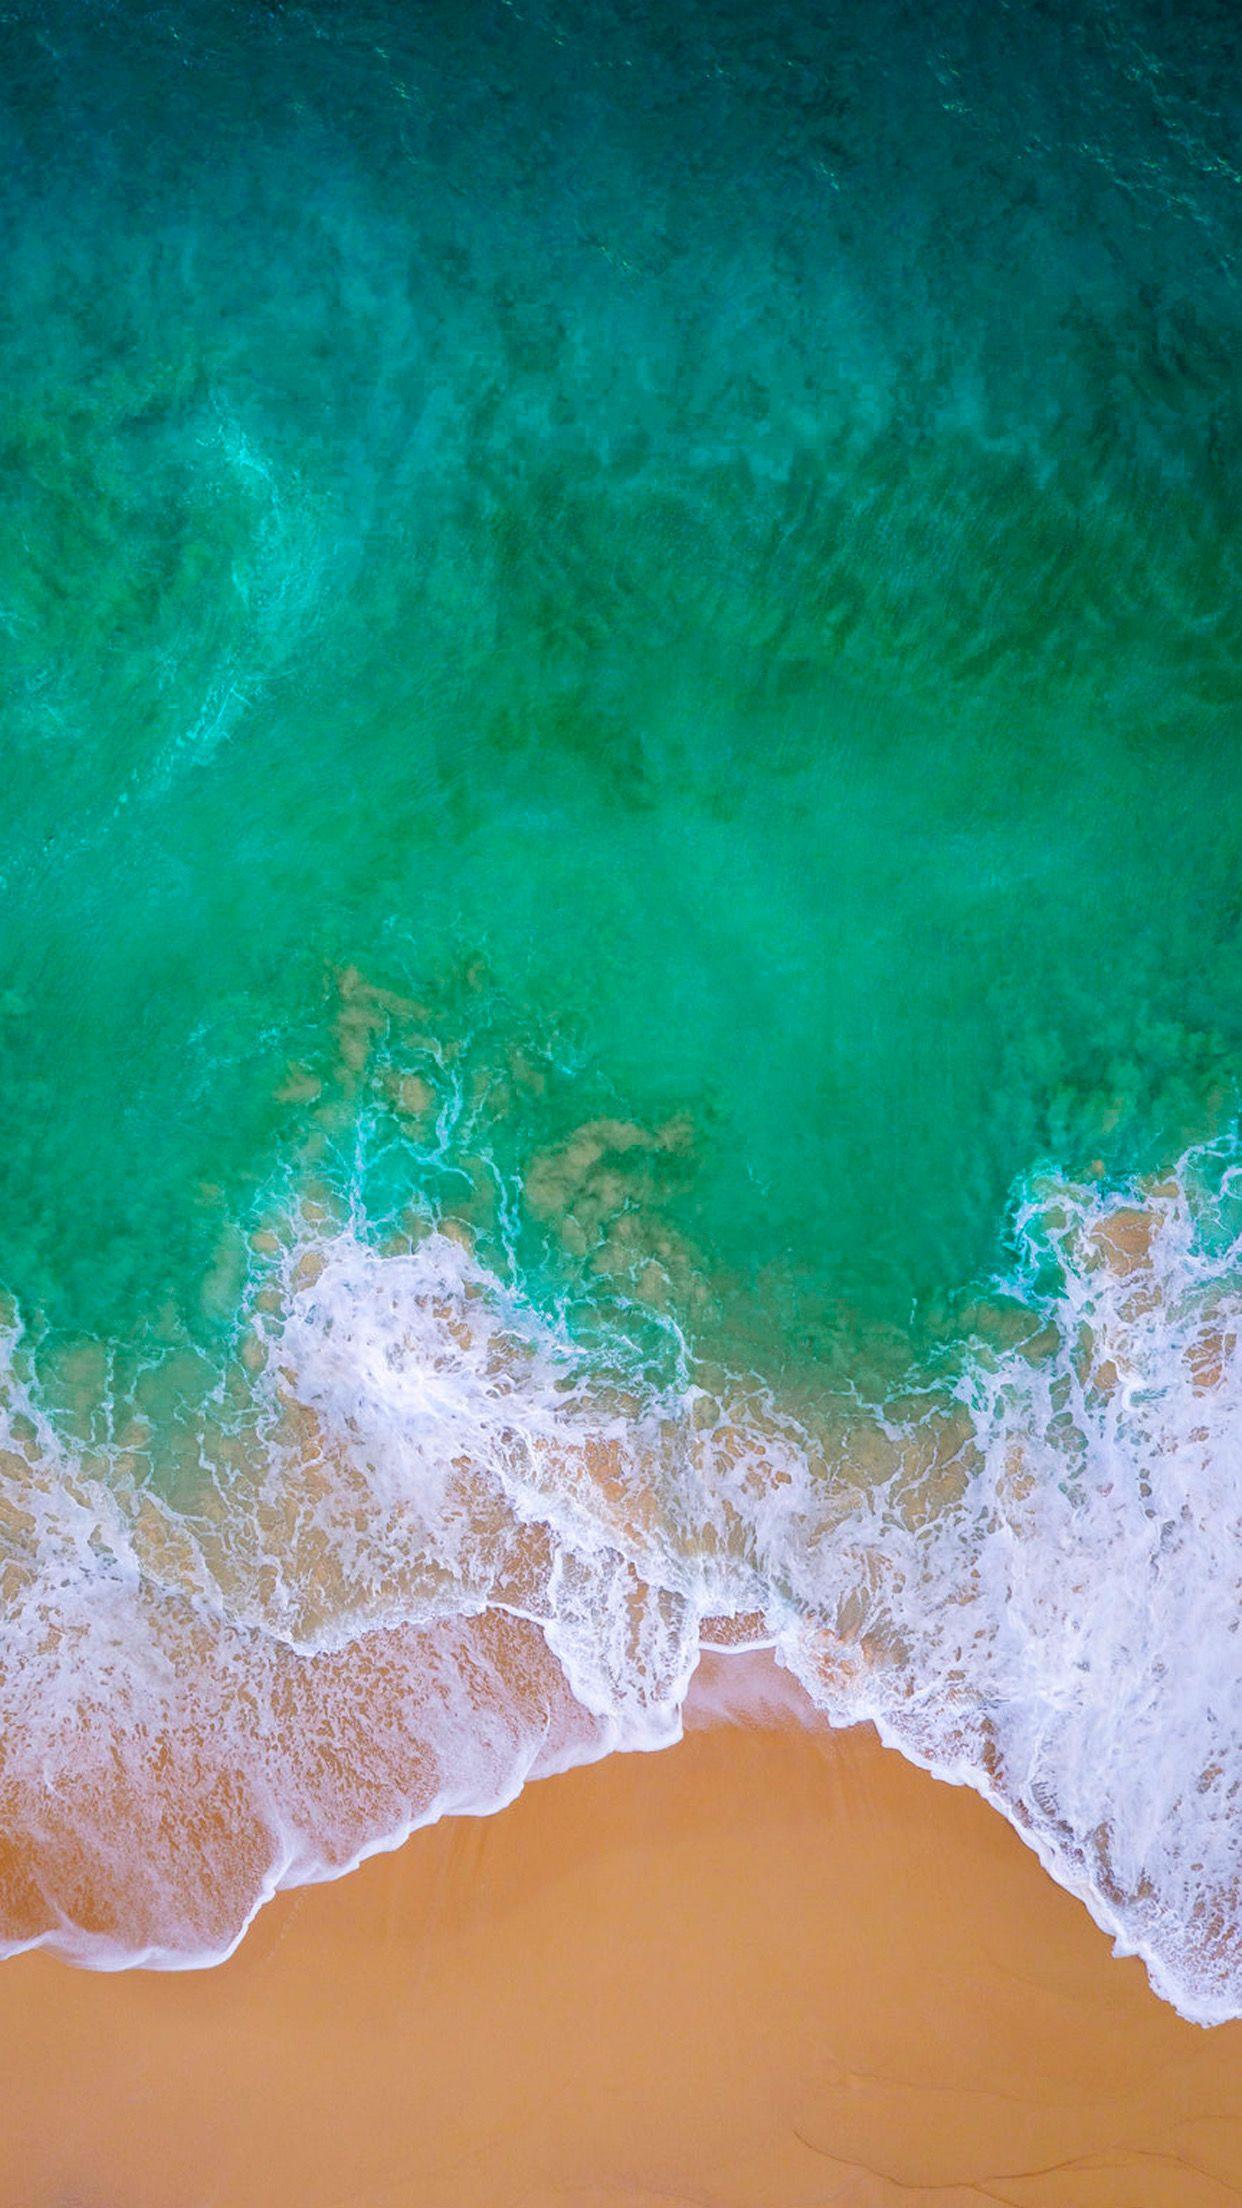 Pin de Definitely Notmy em Walls | Iphone fondos de pantalla, Fondos de pantalla playas e Fondos ios